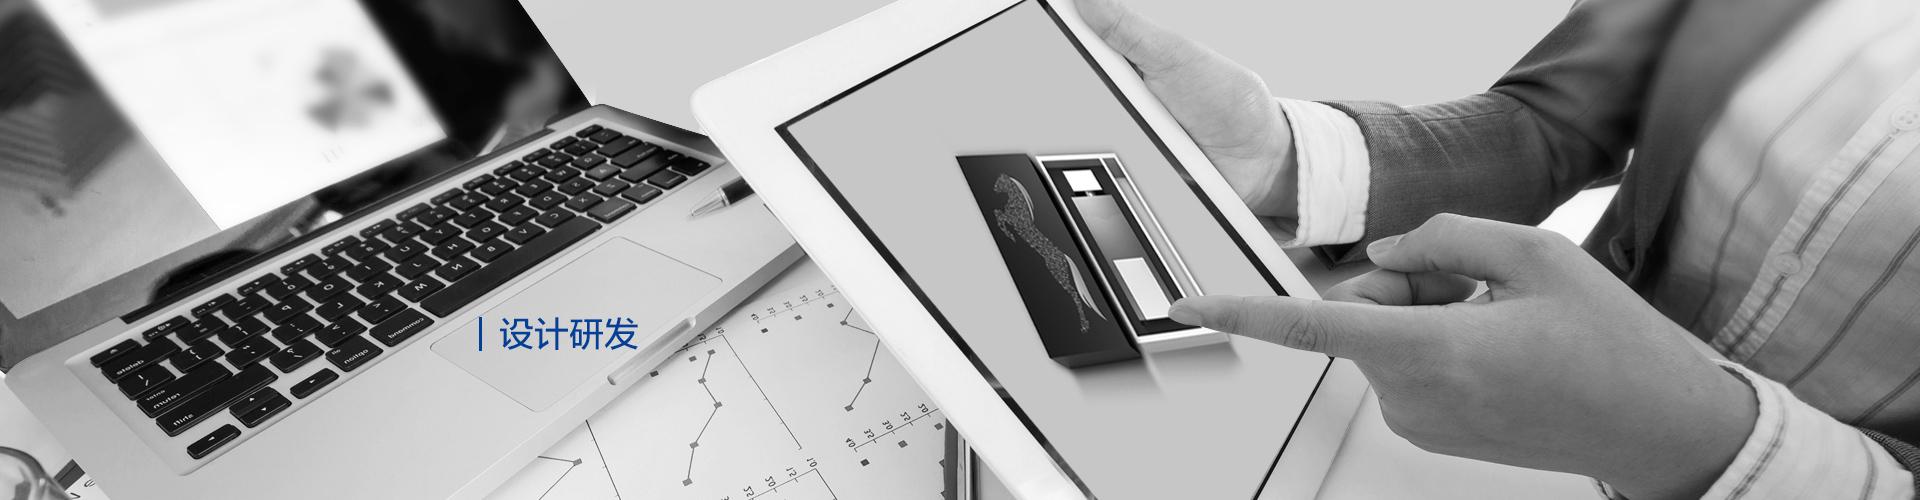 IT电子产品包装盒